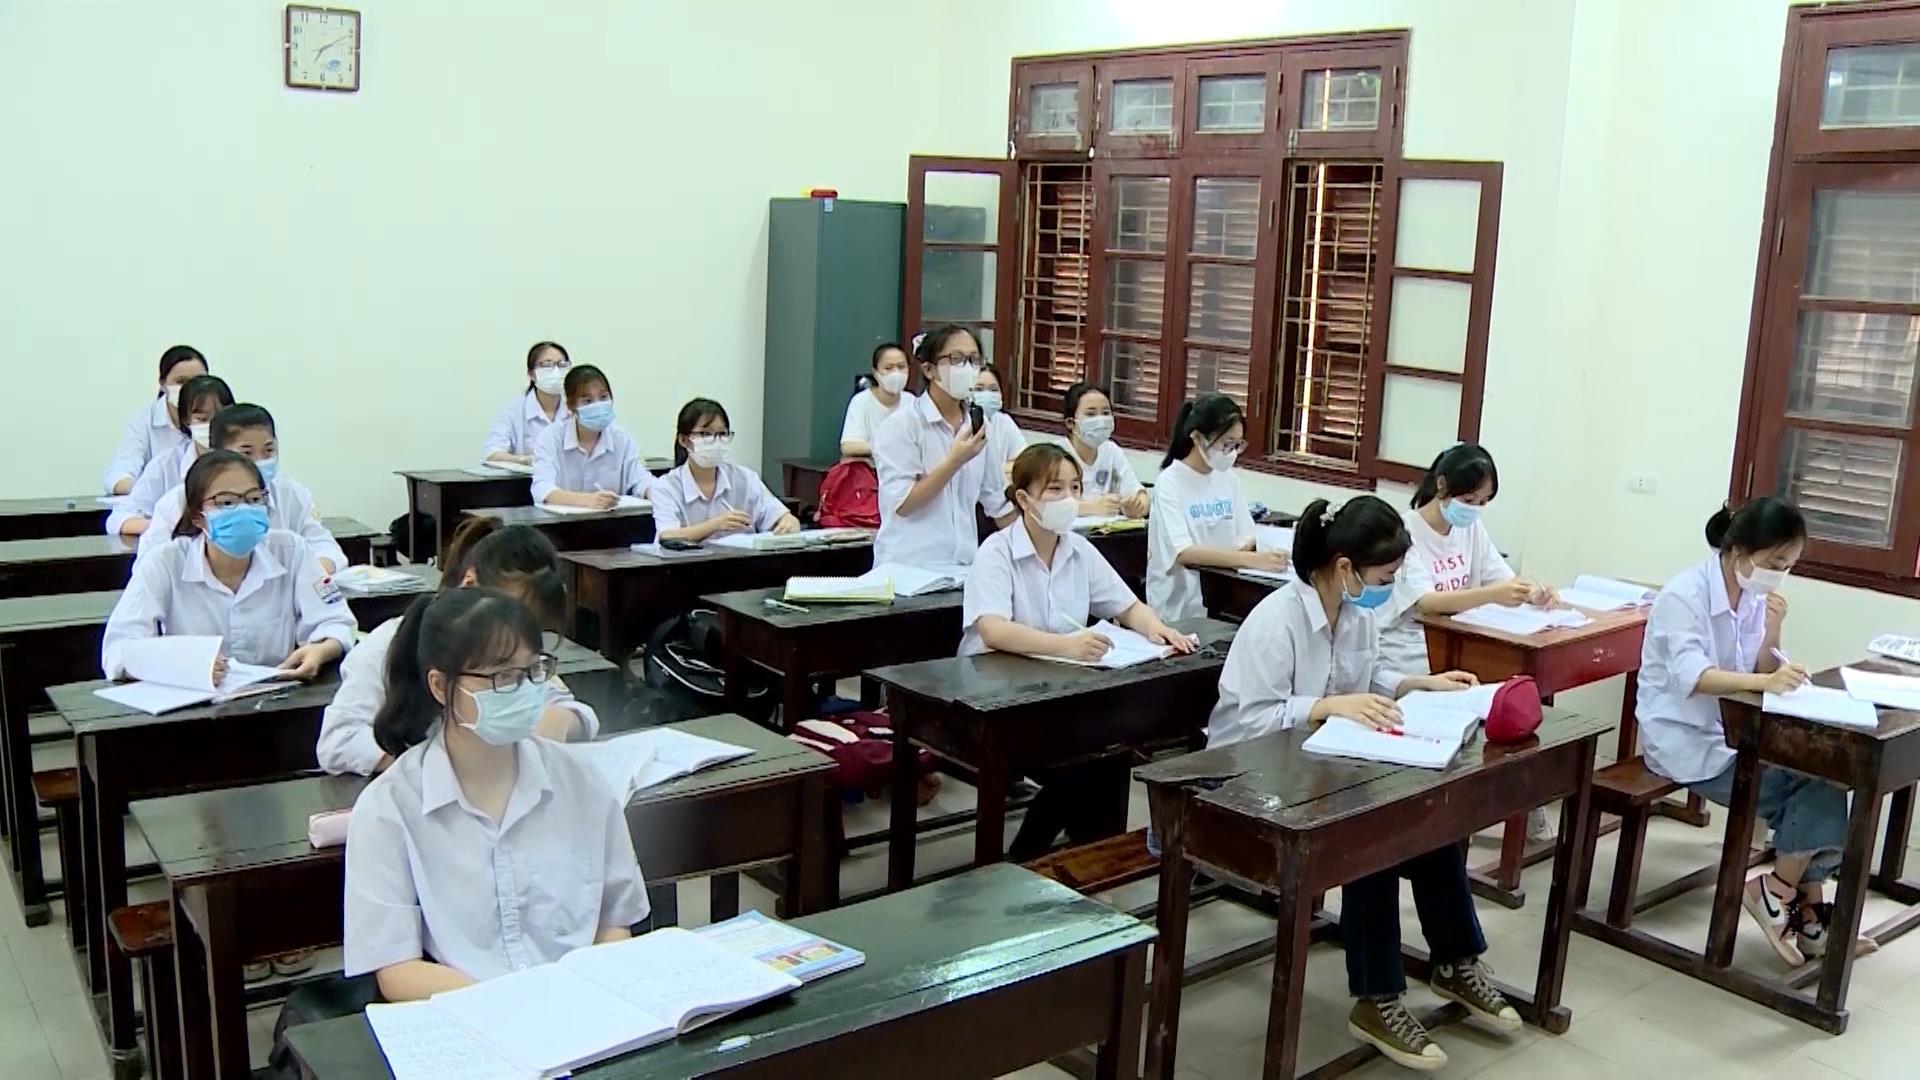 Ngành GD&ĐT Bắc Ninh chủ động hỗ trợ học sinh cuối cấp